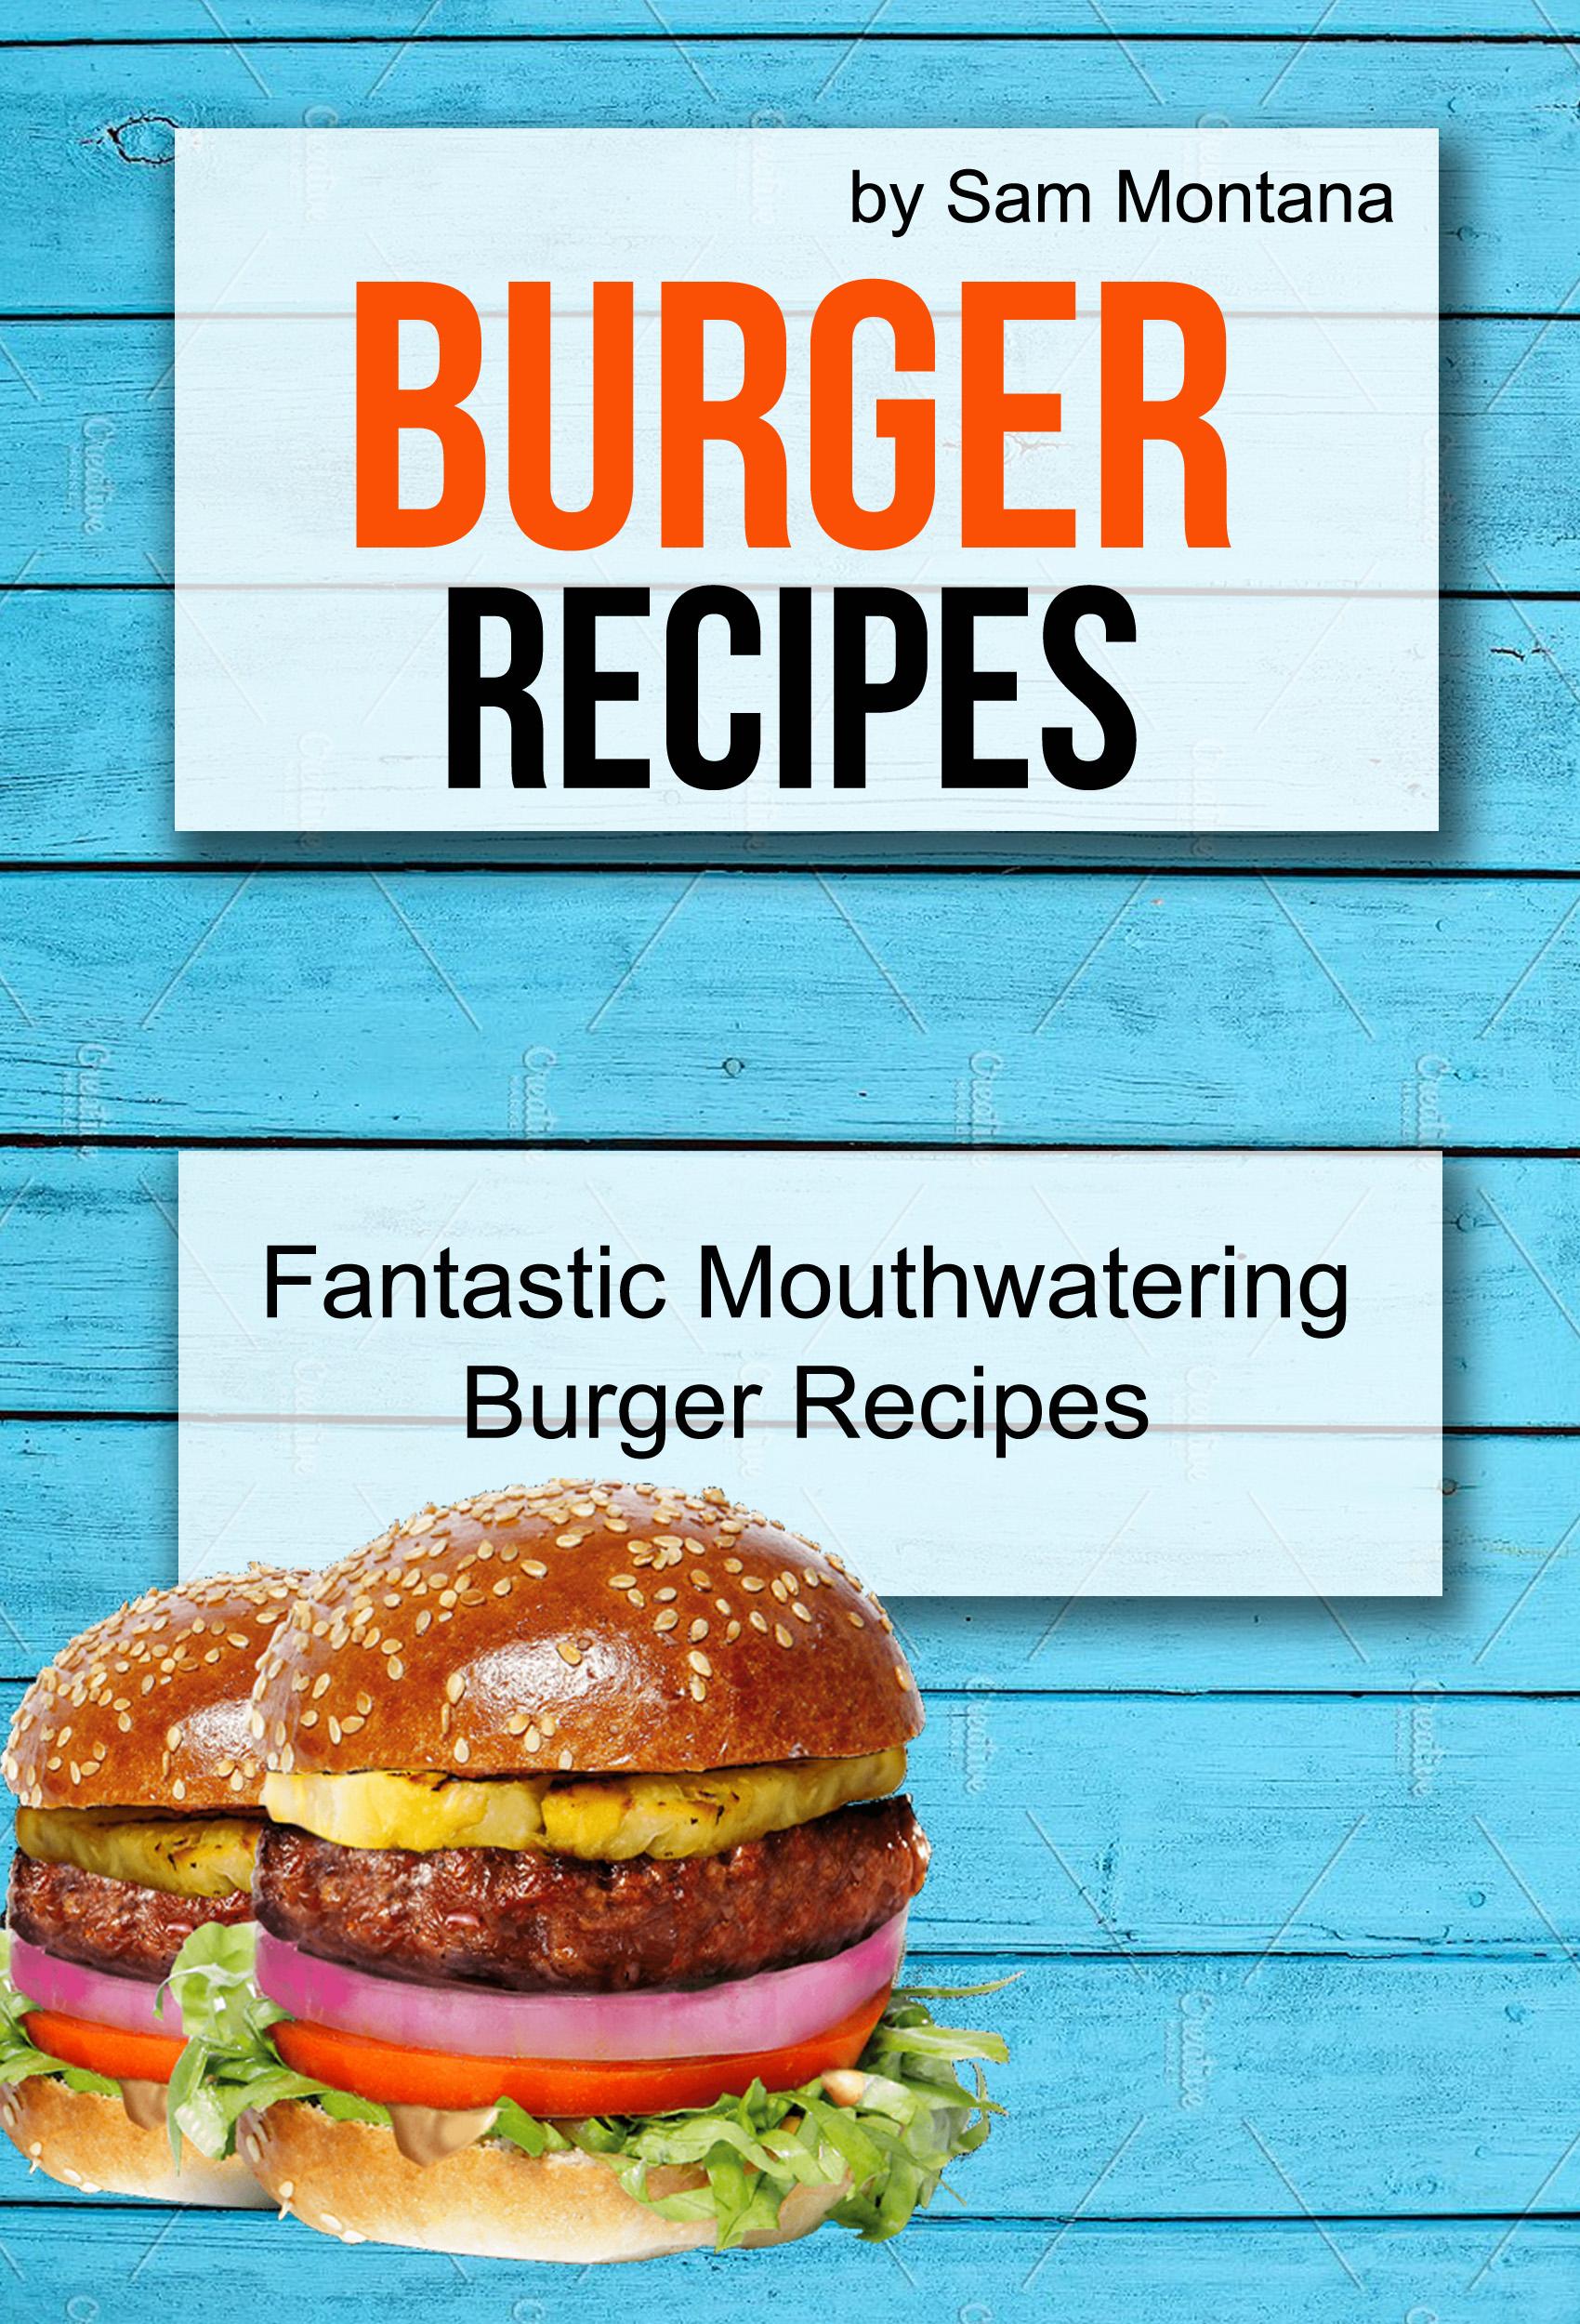 Burger recipes: fantastic mouthwatering burger recipes